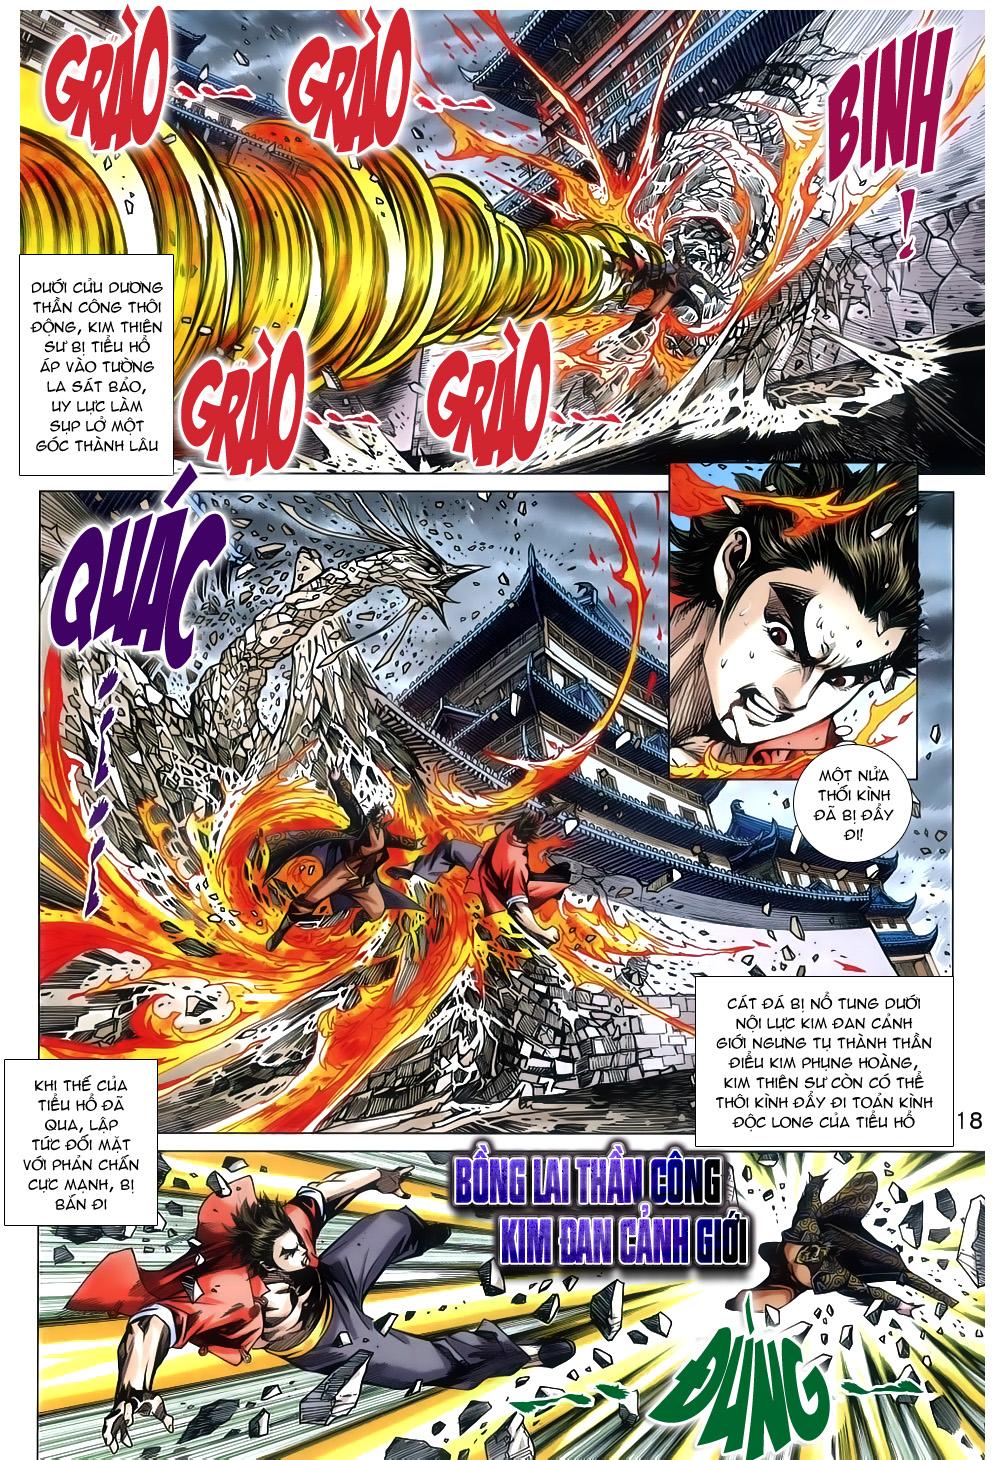 Tân Tác Long Hổ Môn chap 791 Trang 18 - Mangak.info